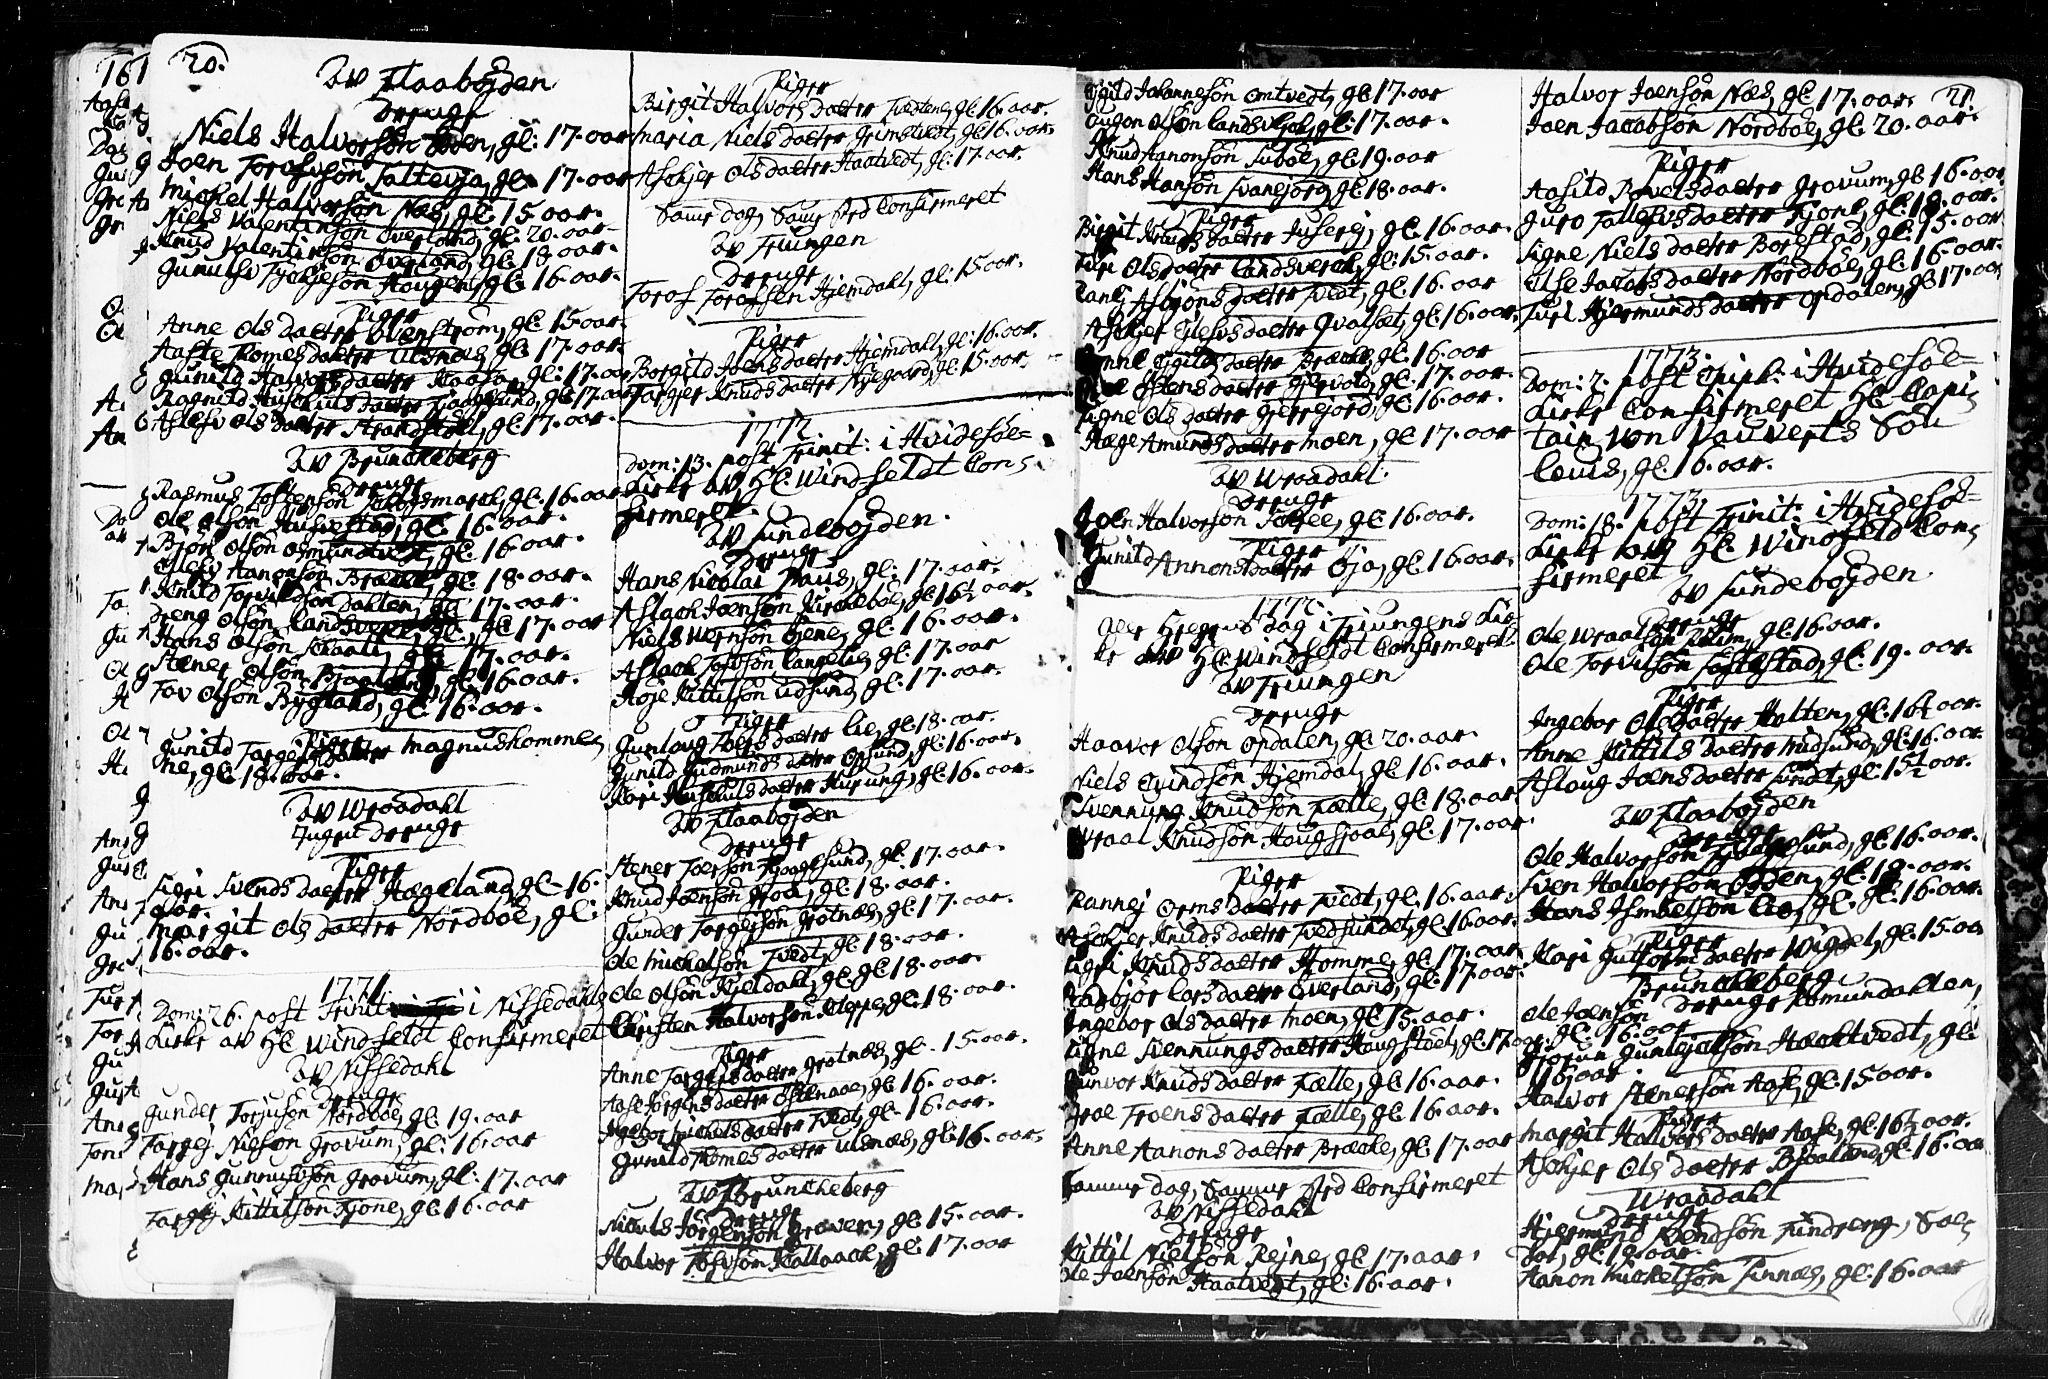 SAKO, Kviteseid kirkebøker, F/Fa/L0001: Ministerialbok nr. I 1, 1754-1773, s. 20-21